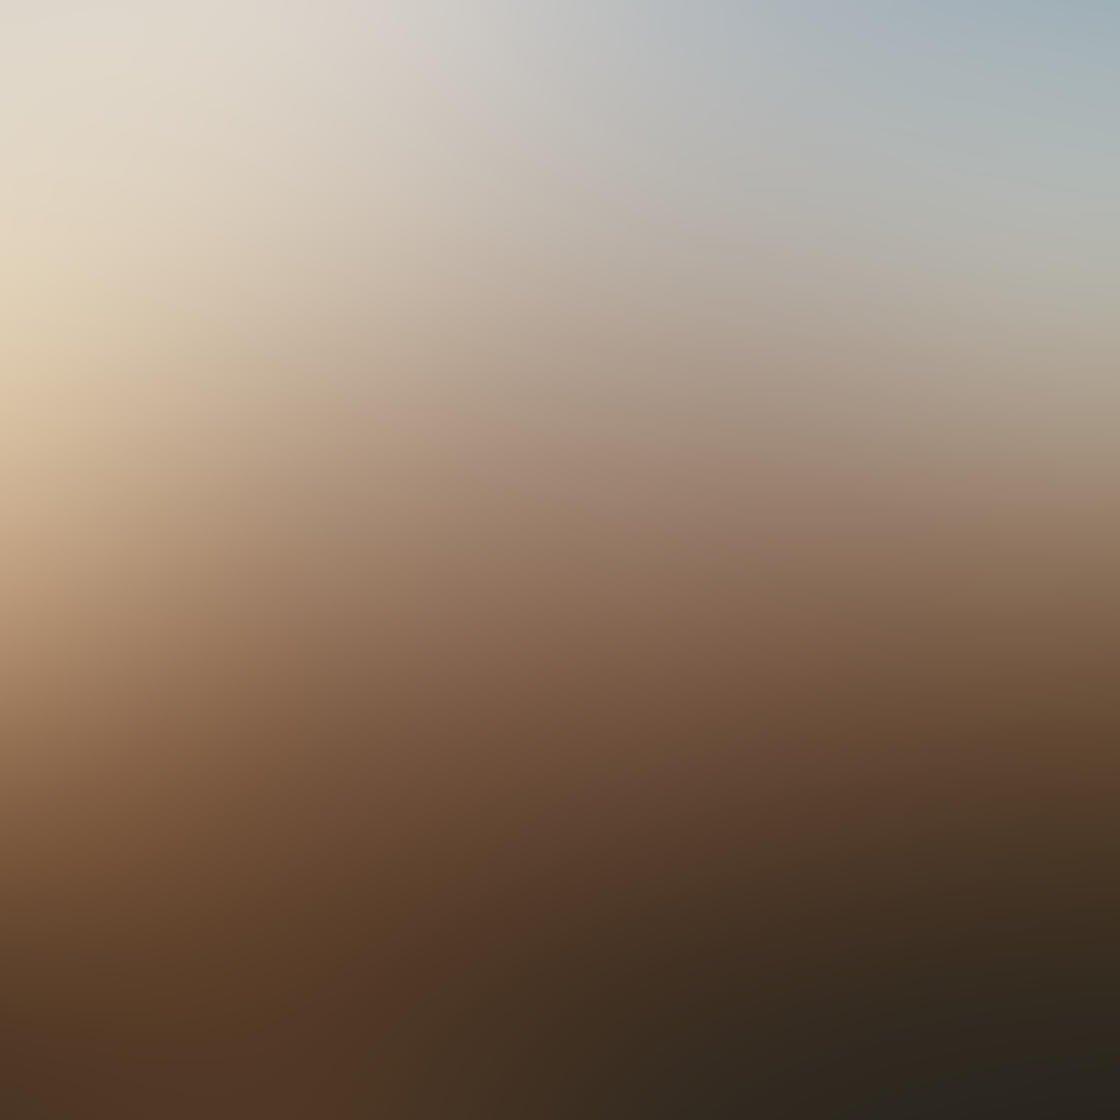 Landscape iPhone Photo Composition 35